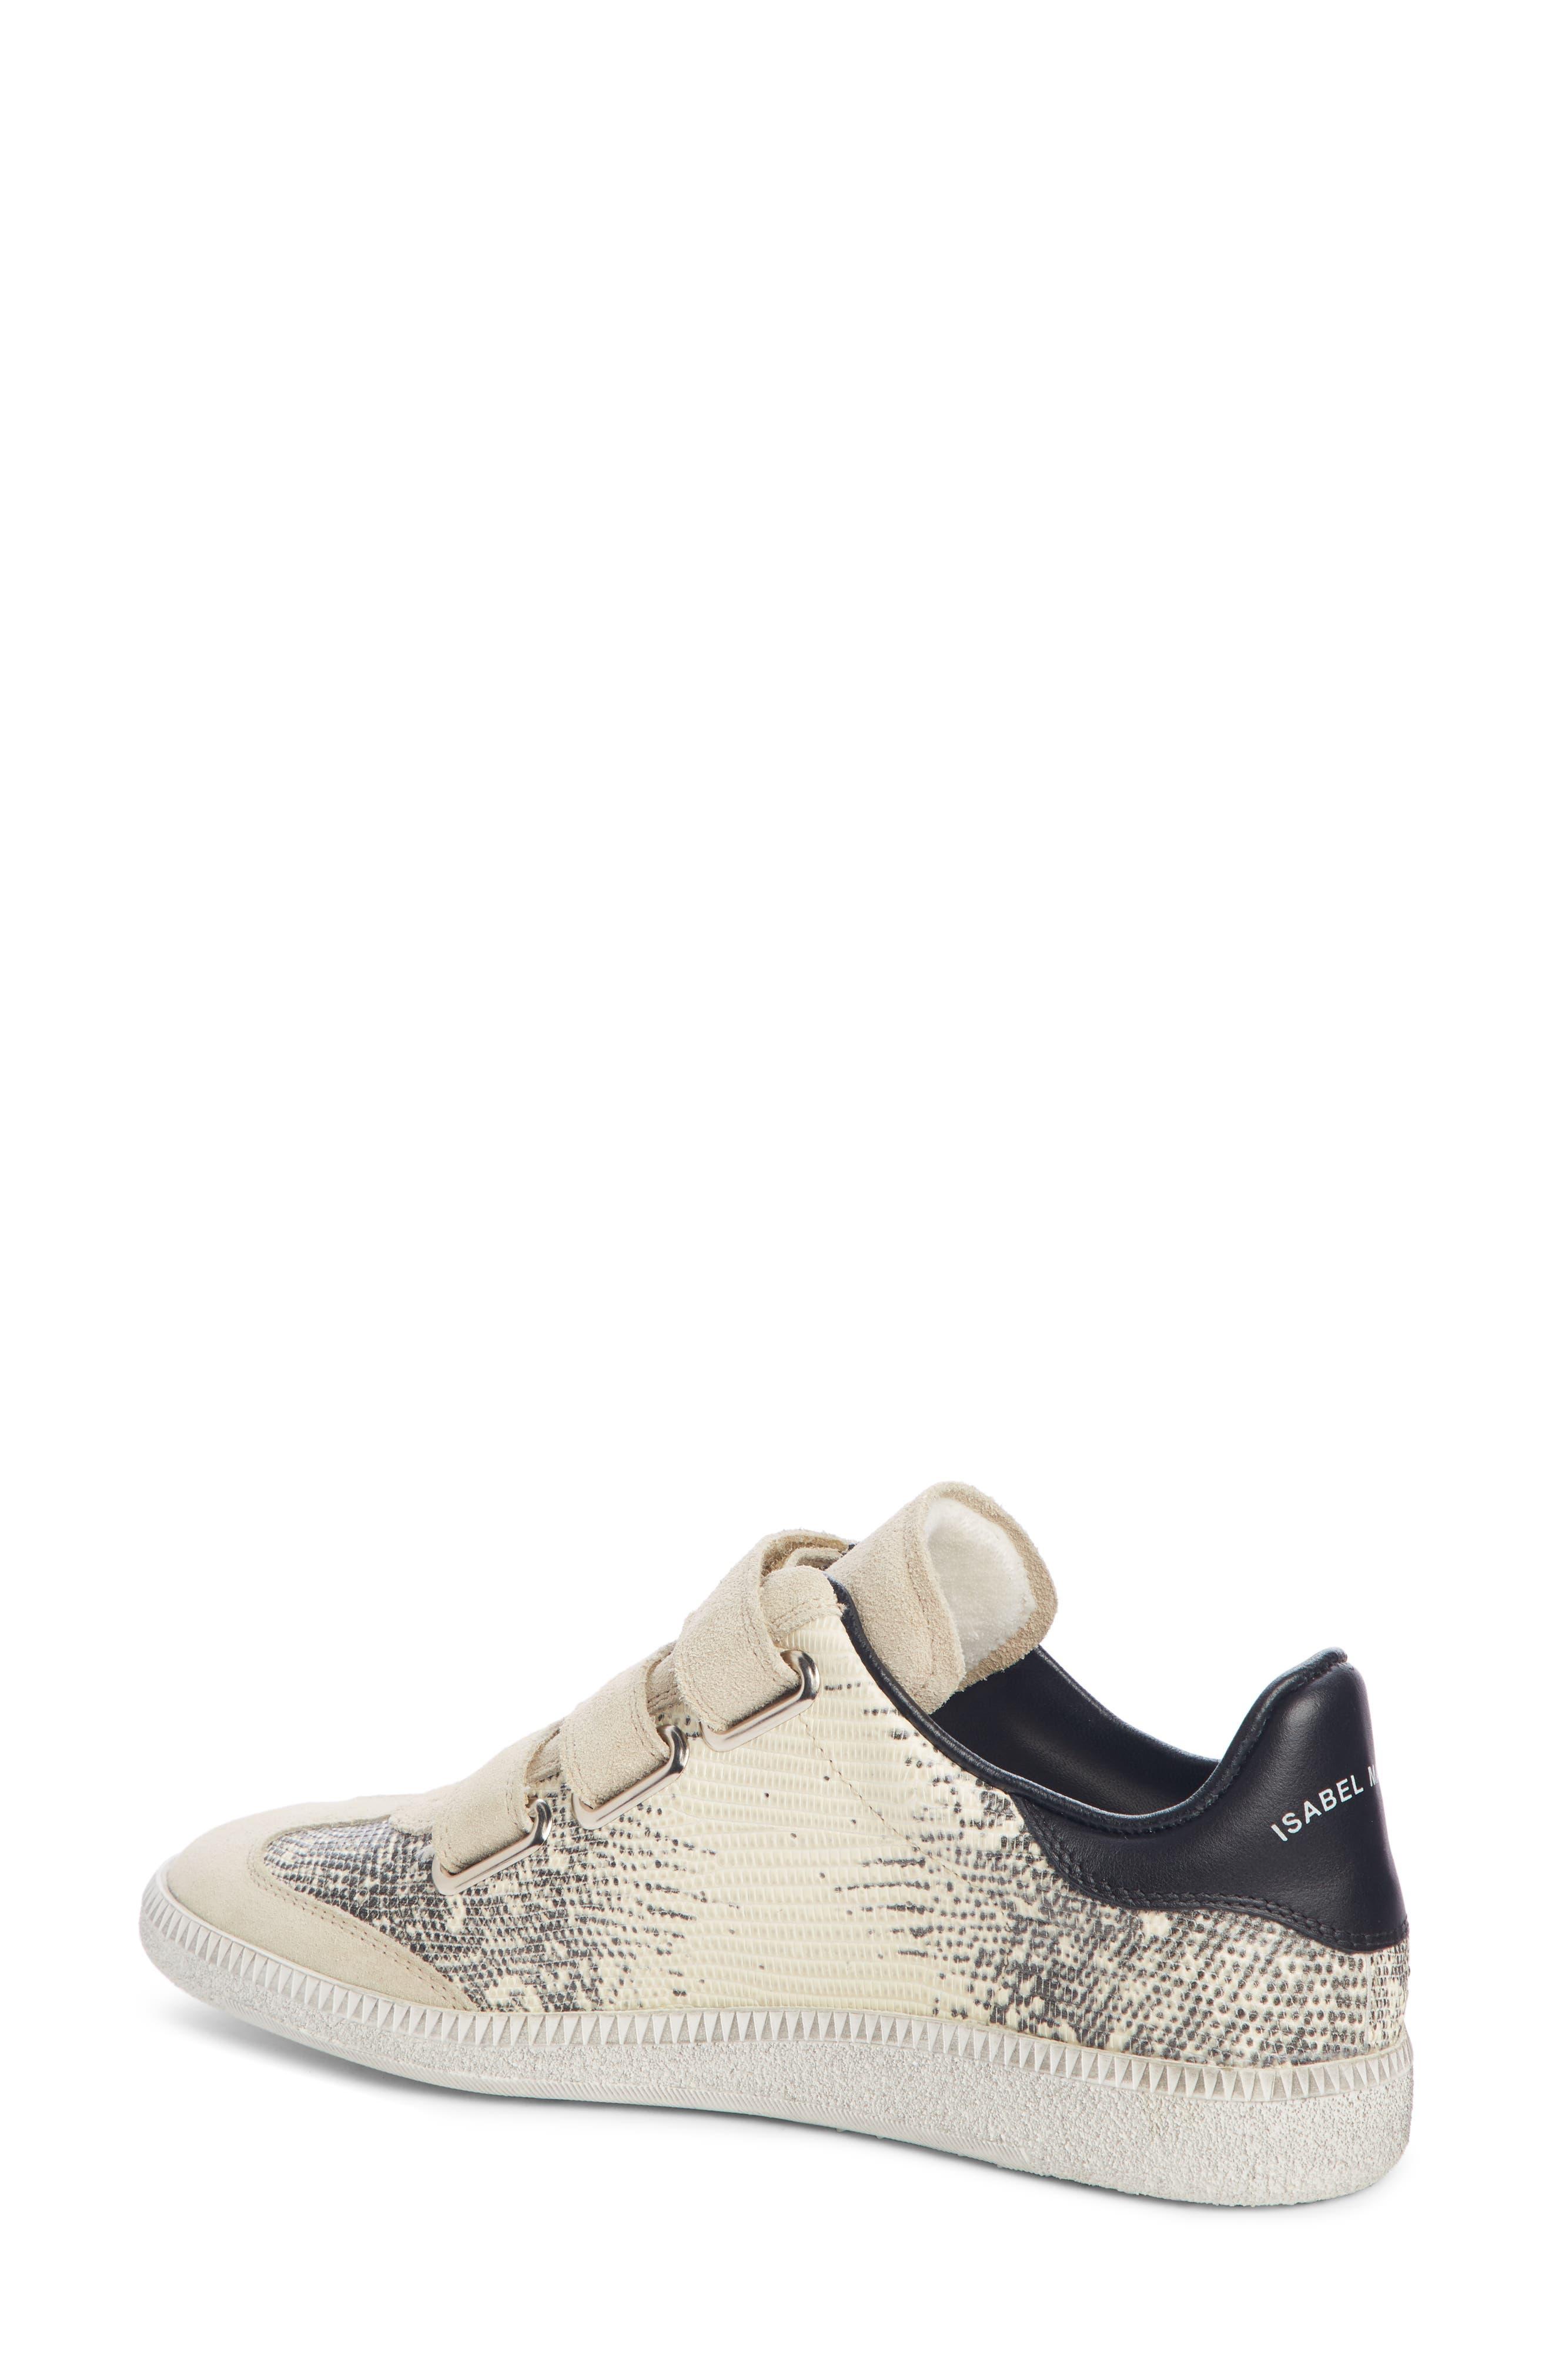 d726c1c114 Women's ISABEL MARANT Shoes   Nordstrom